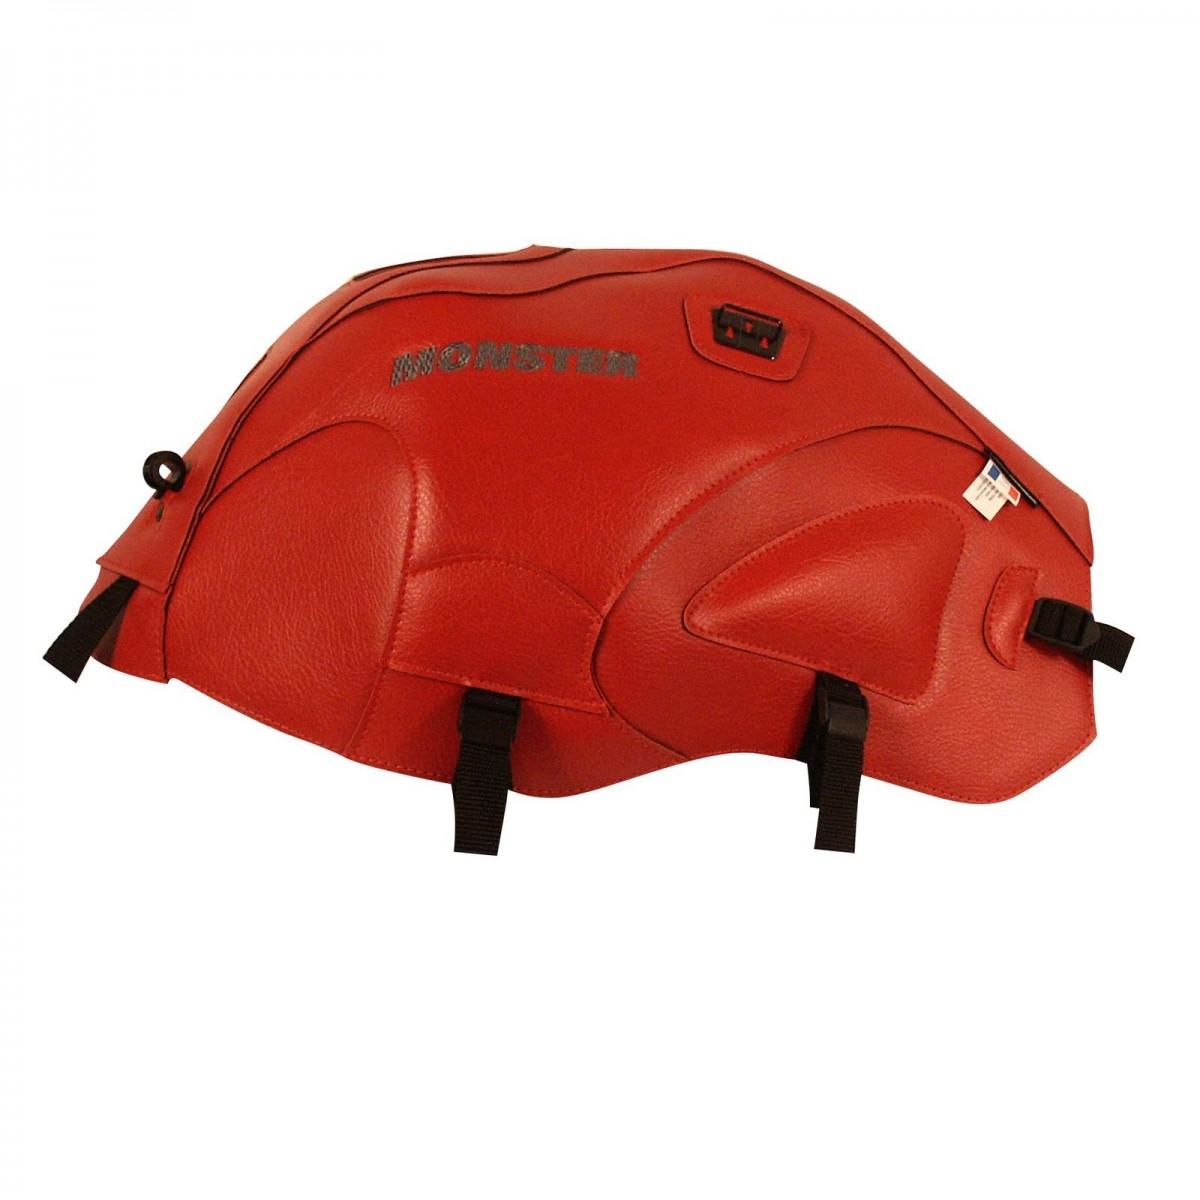 Protège-réservoir Bagster Ducati Monster 600 / 1000 - S4 / S2R / S4R -